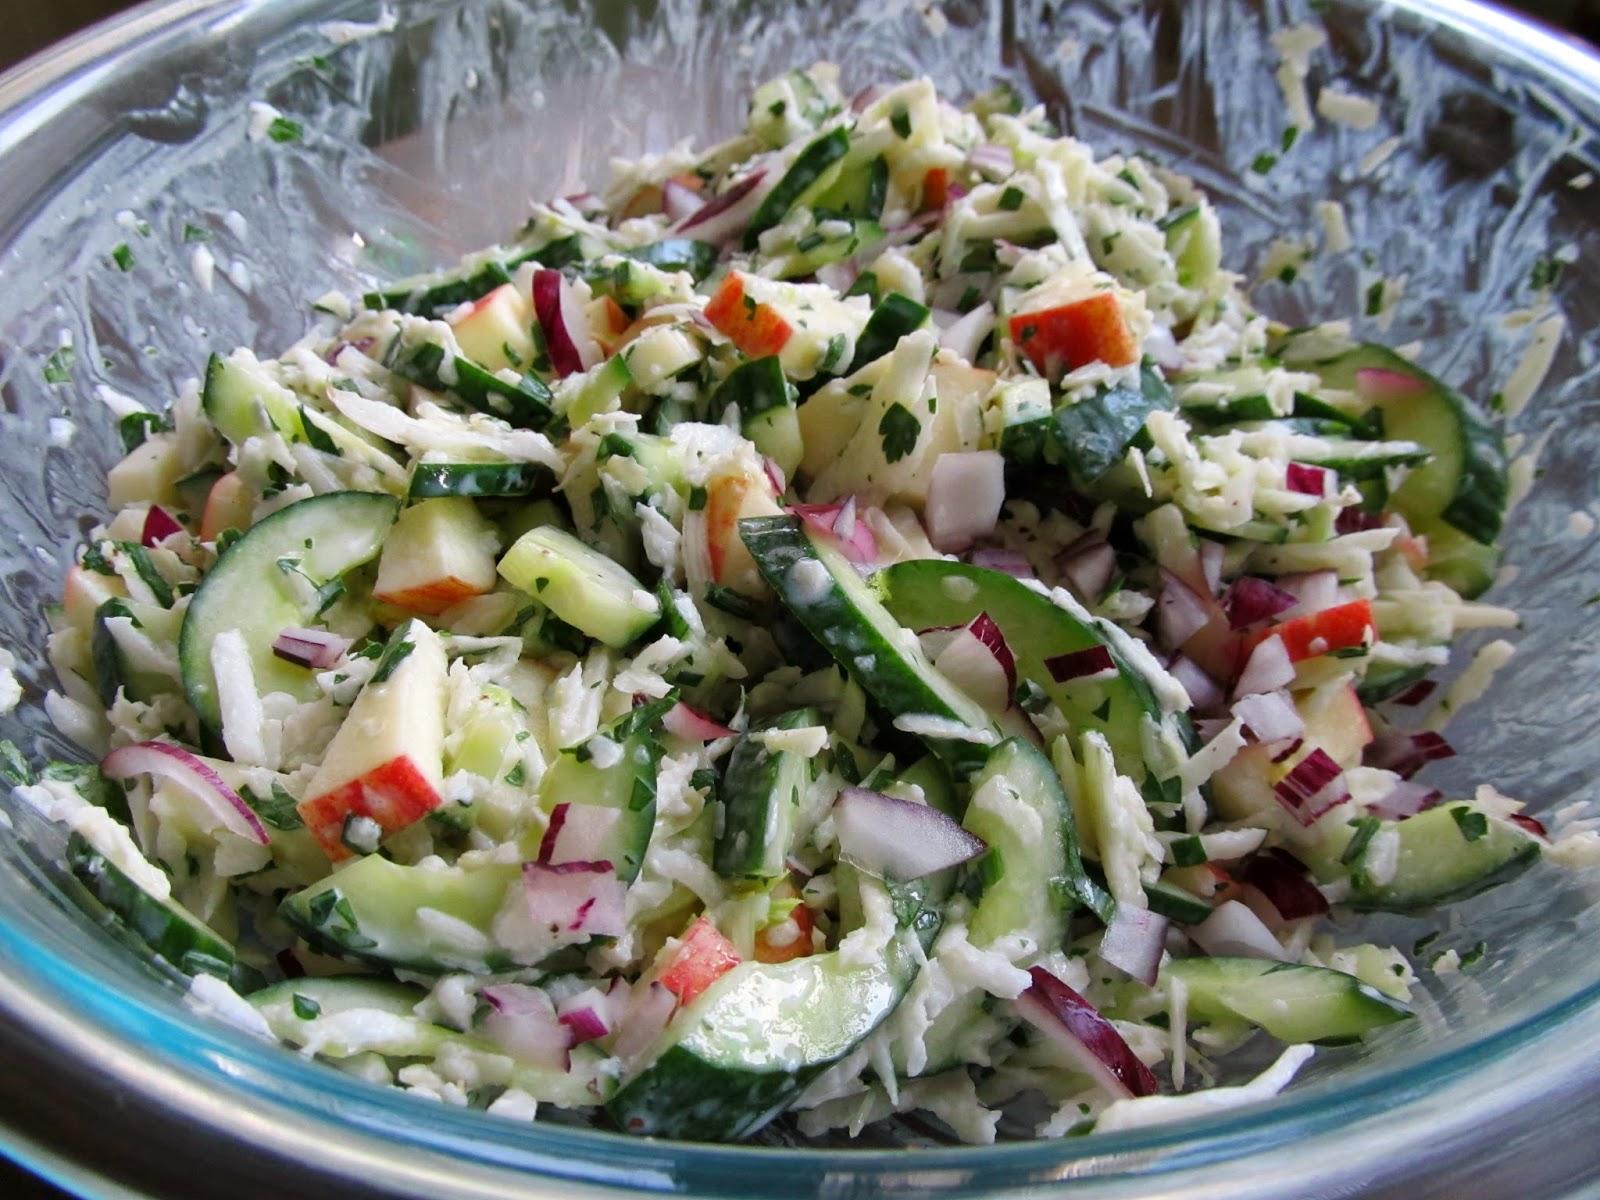 Mediterranean Diet, Salad with Fennel and Yogurt, The Cretan Diet,